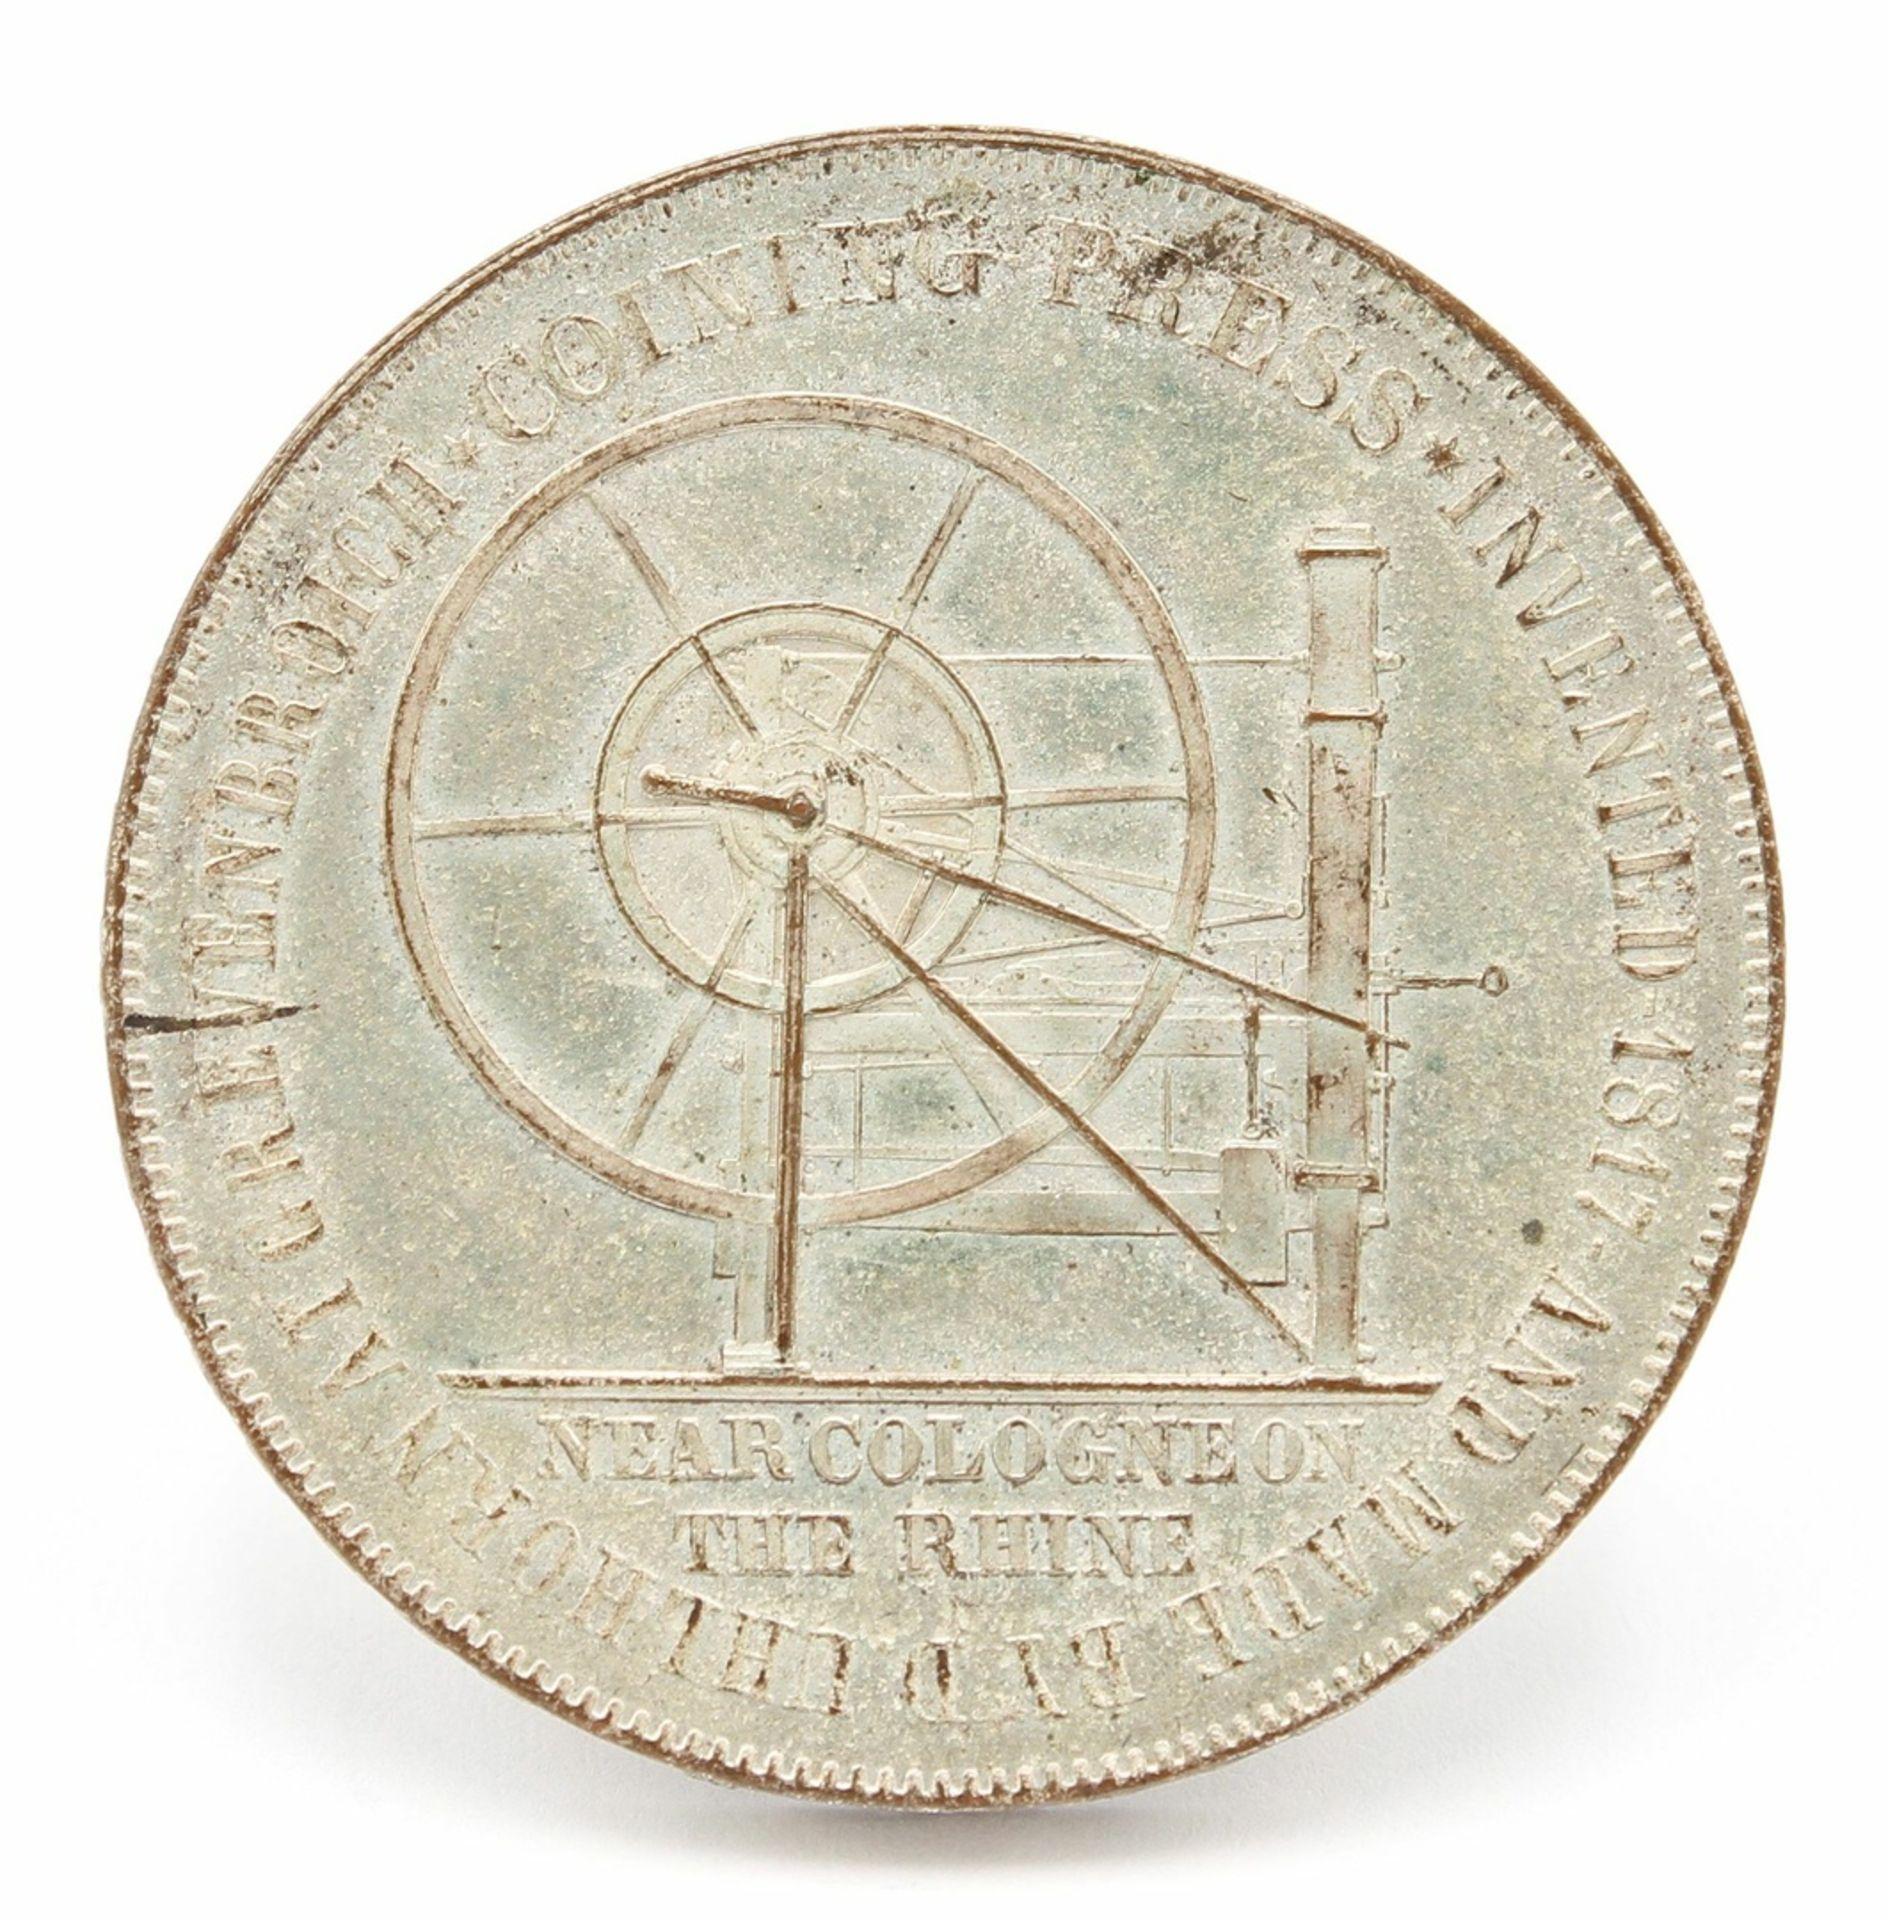 """Medaille zur """"Great Exhibition"""" in London 1851 - Bild 2 aus 2"""